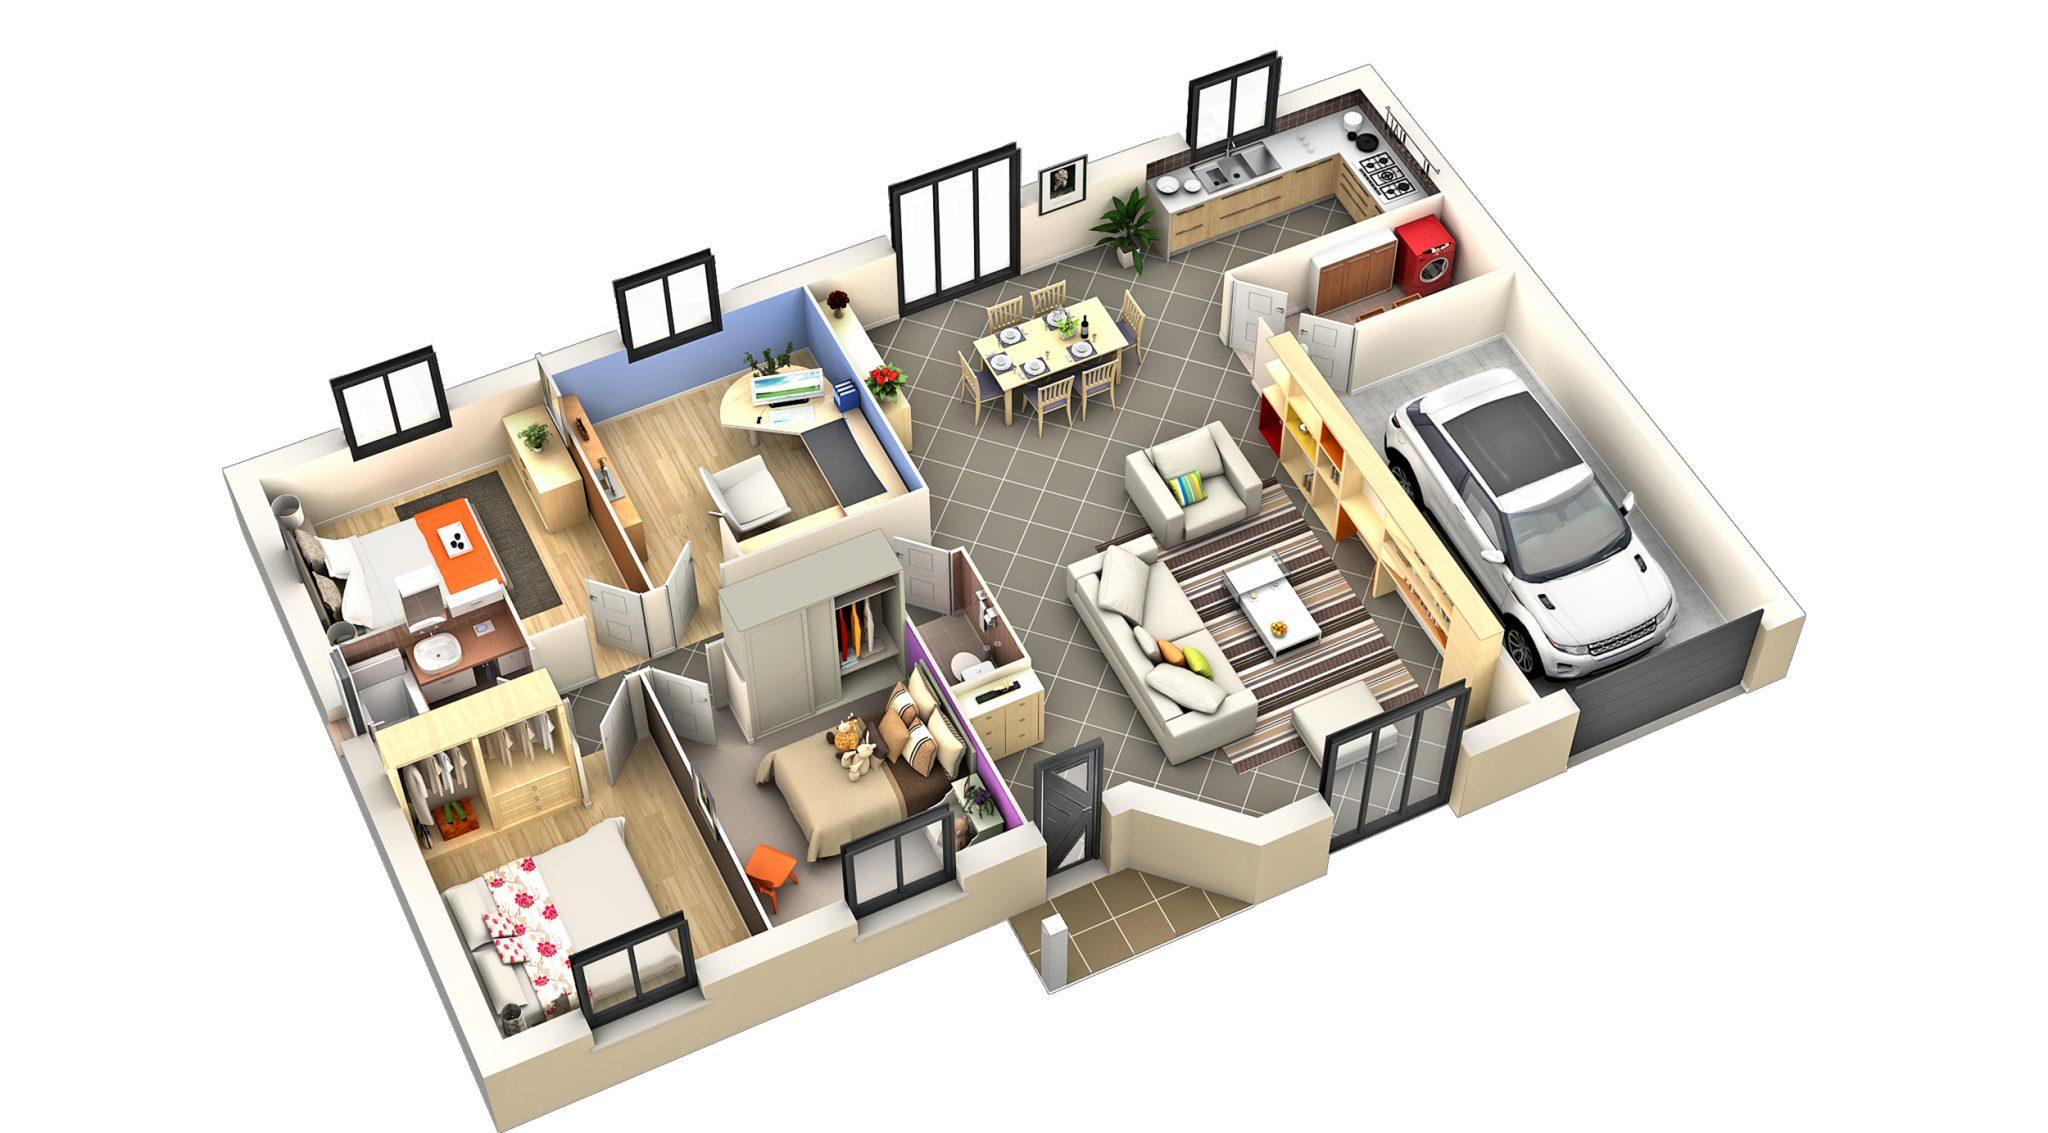 Plan interieur maison plain pied l 39 impression 3d - Plan d interieur de maison ...